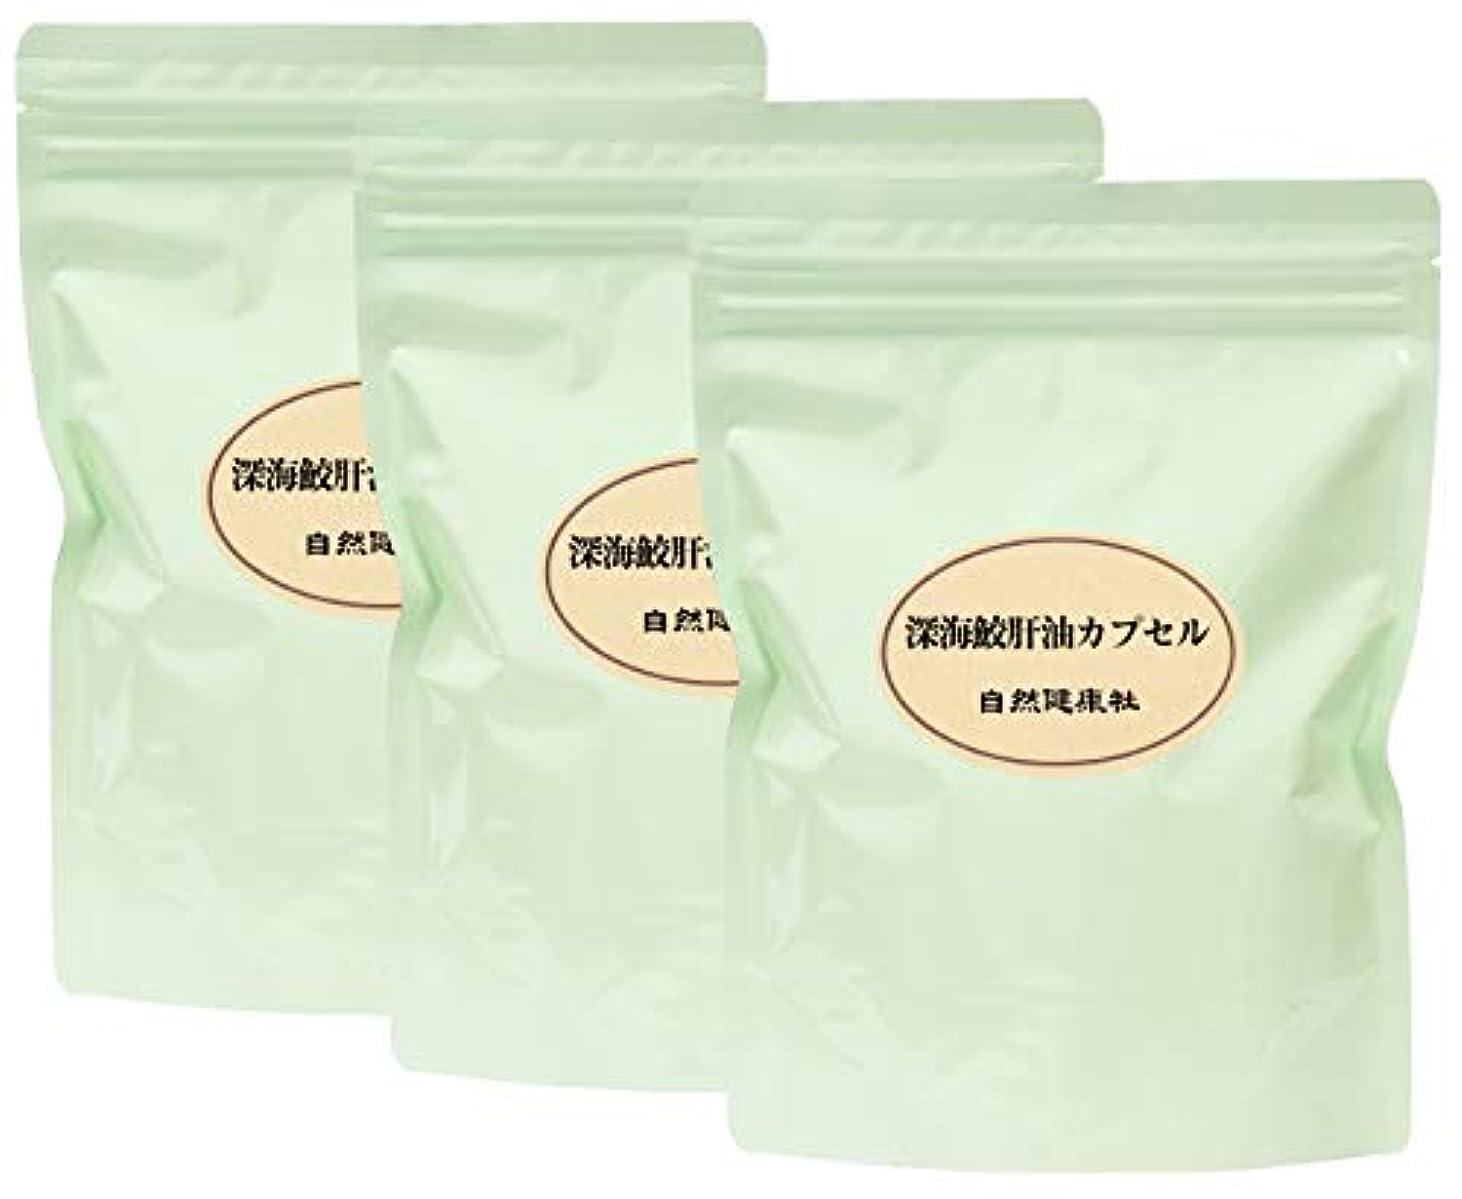 麦芽滴下お誕生日自然健康社 深海鮫肝油カプセル?徳用 300g×3個(750粒×3個) チャック付きアルミ袋入り